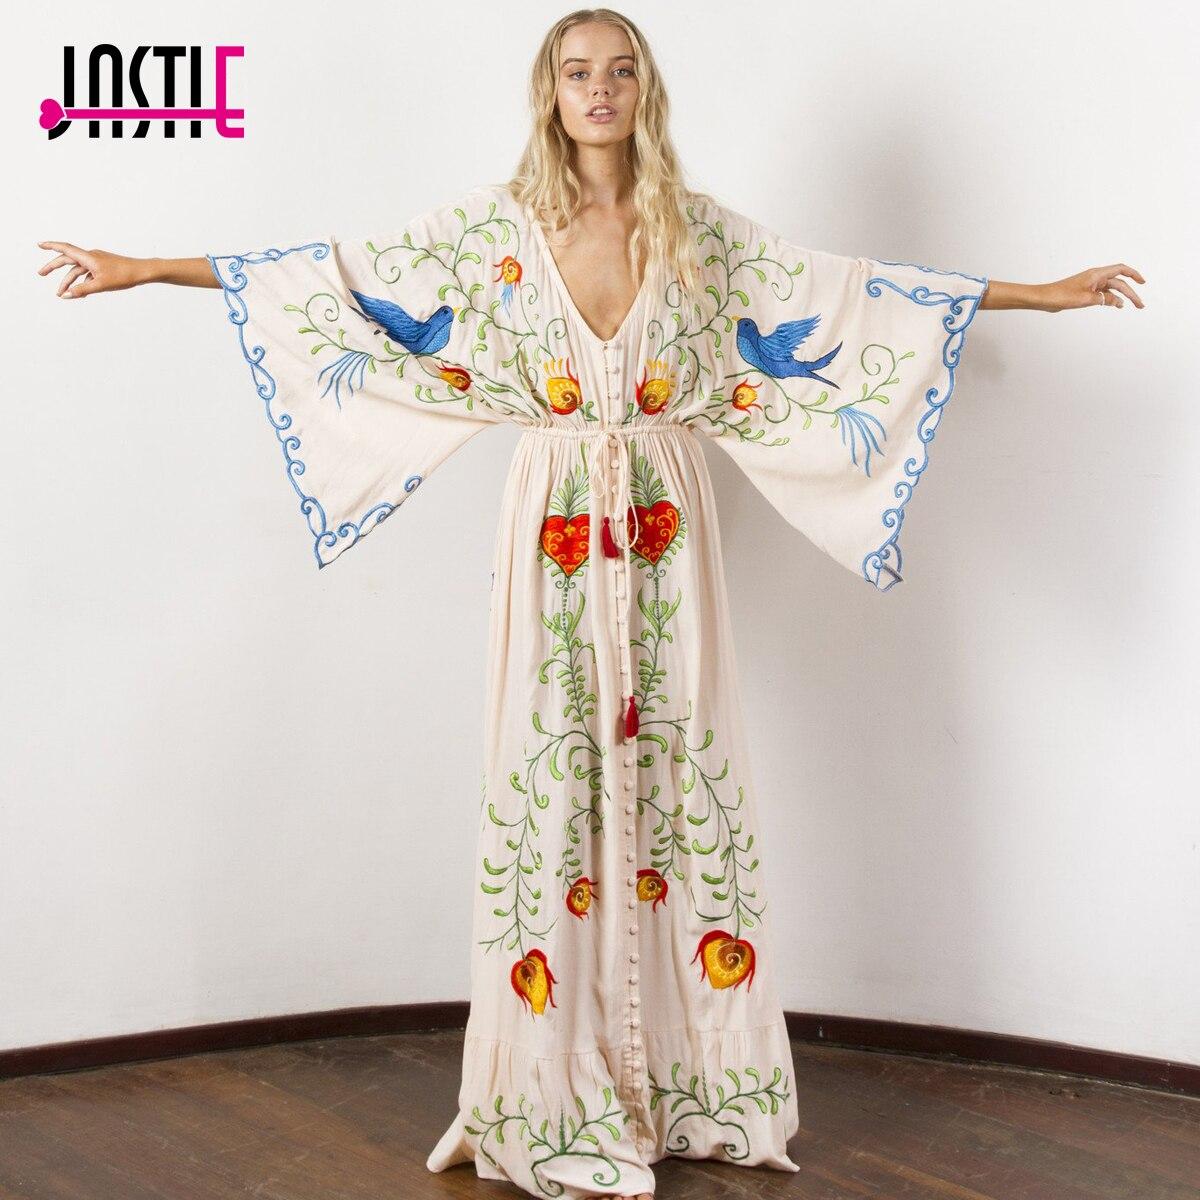 Jastie Brodé Femmes robe maxi V-cou Manches Chauve-Souris Lâche grande taille Robes D'été Cordon Taille Boho Plage Robes